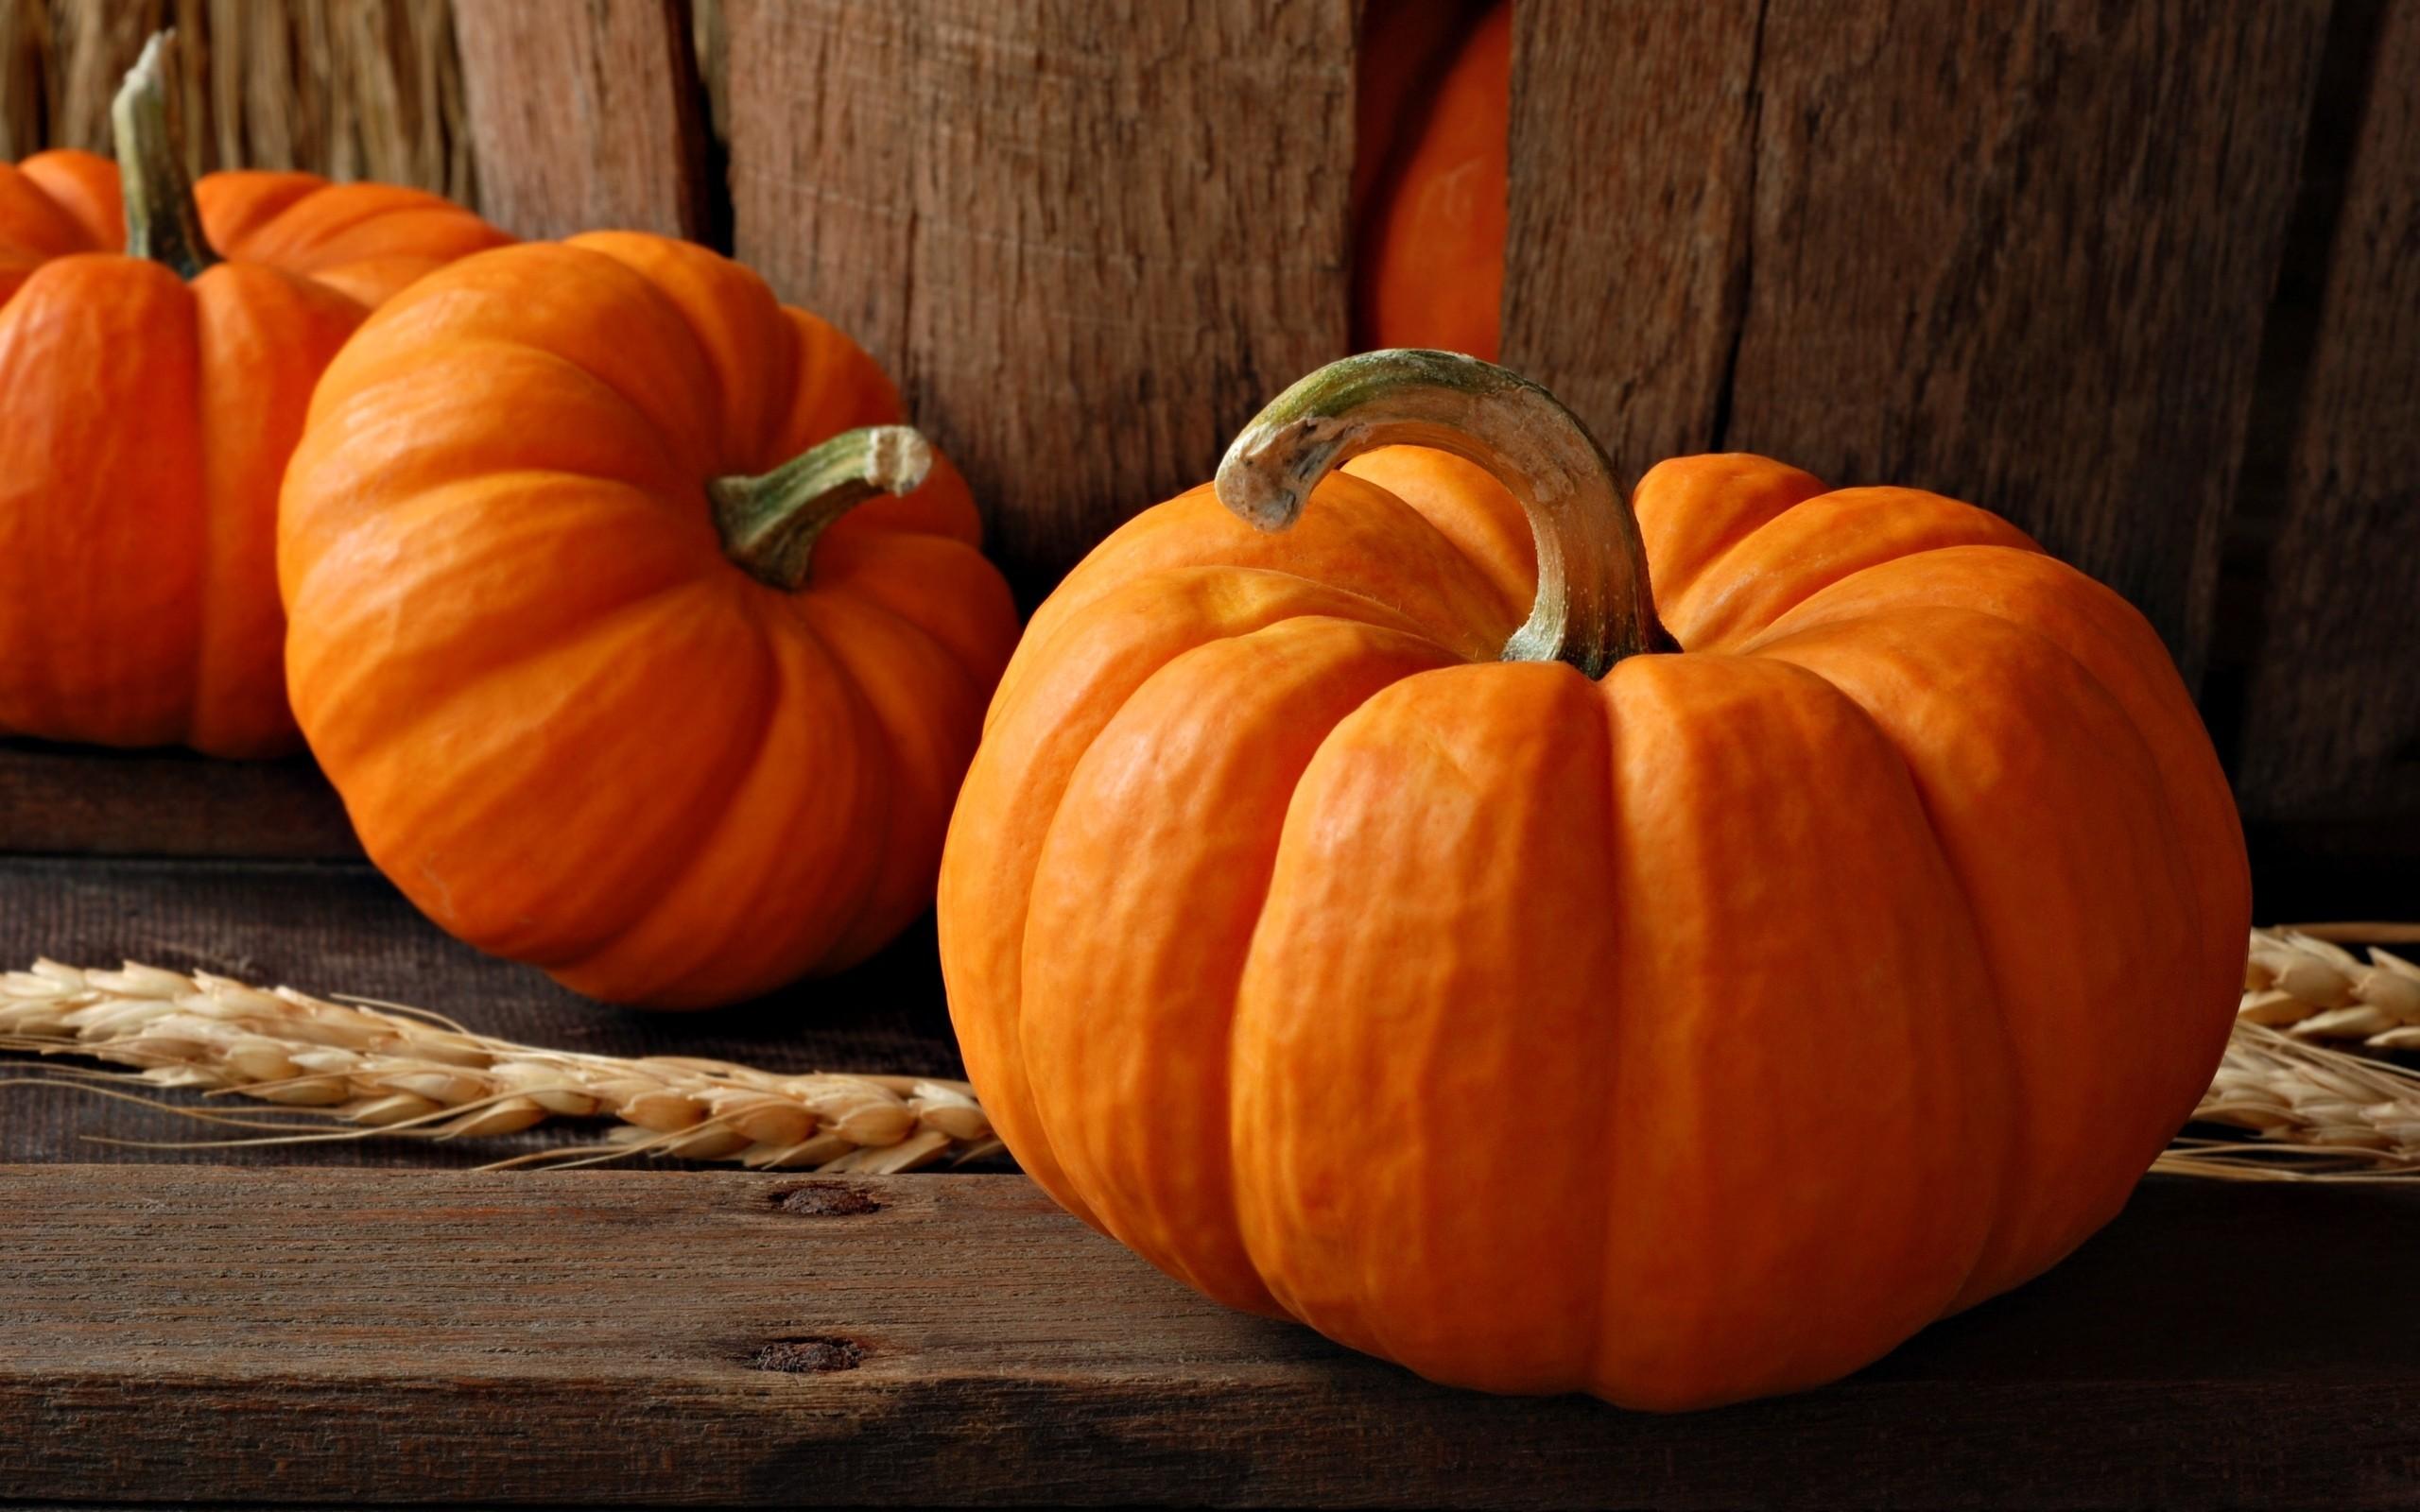 Pumpkins Wallpapers Pumpkins Myspace Backgrounds Pumpkins 2560x1600